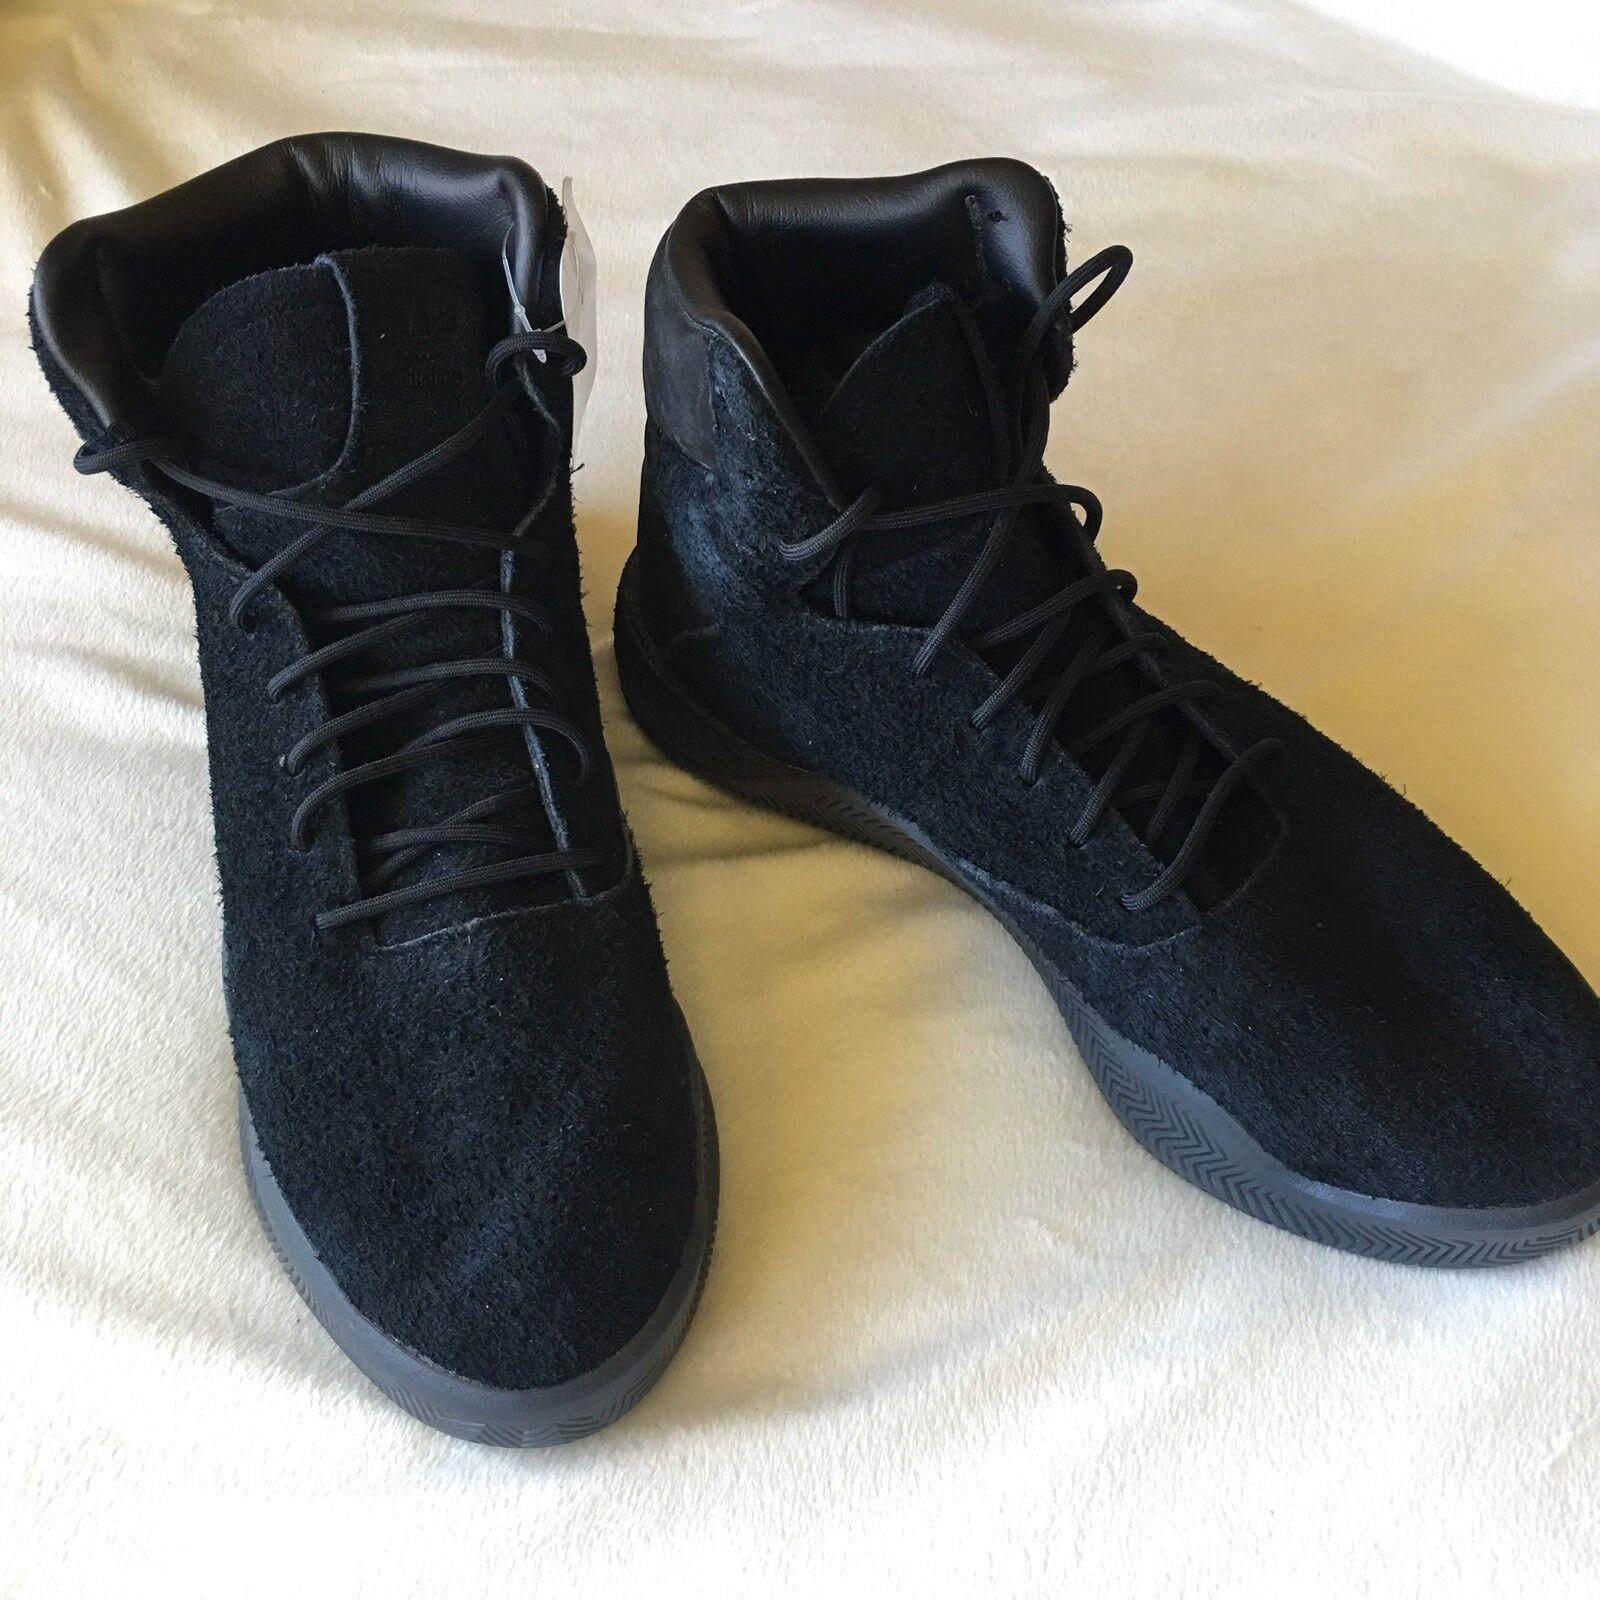 adidas tubuläre instinkt durch schwarze bb8931 graue turnschuhe größe 9,5 bb8931 schwarze b377f0